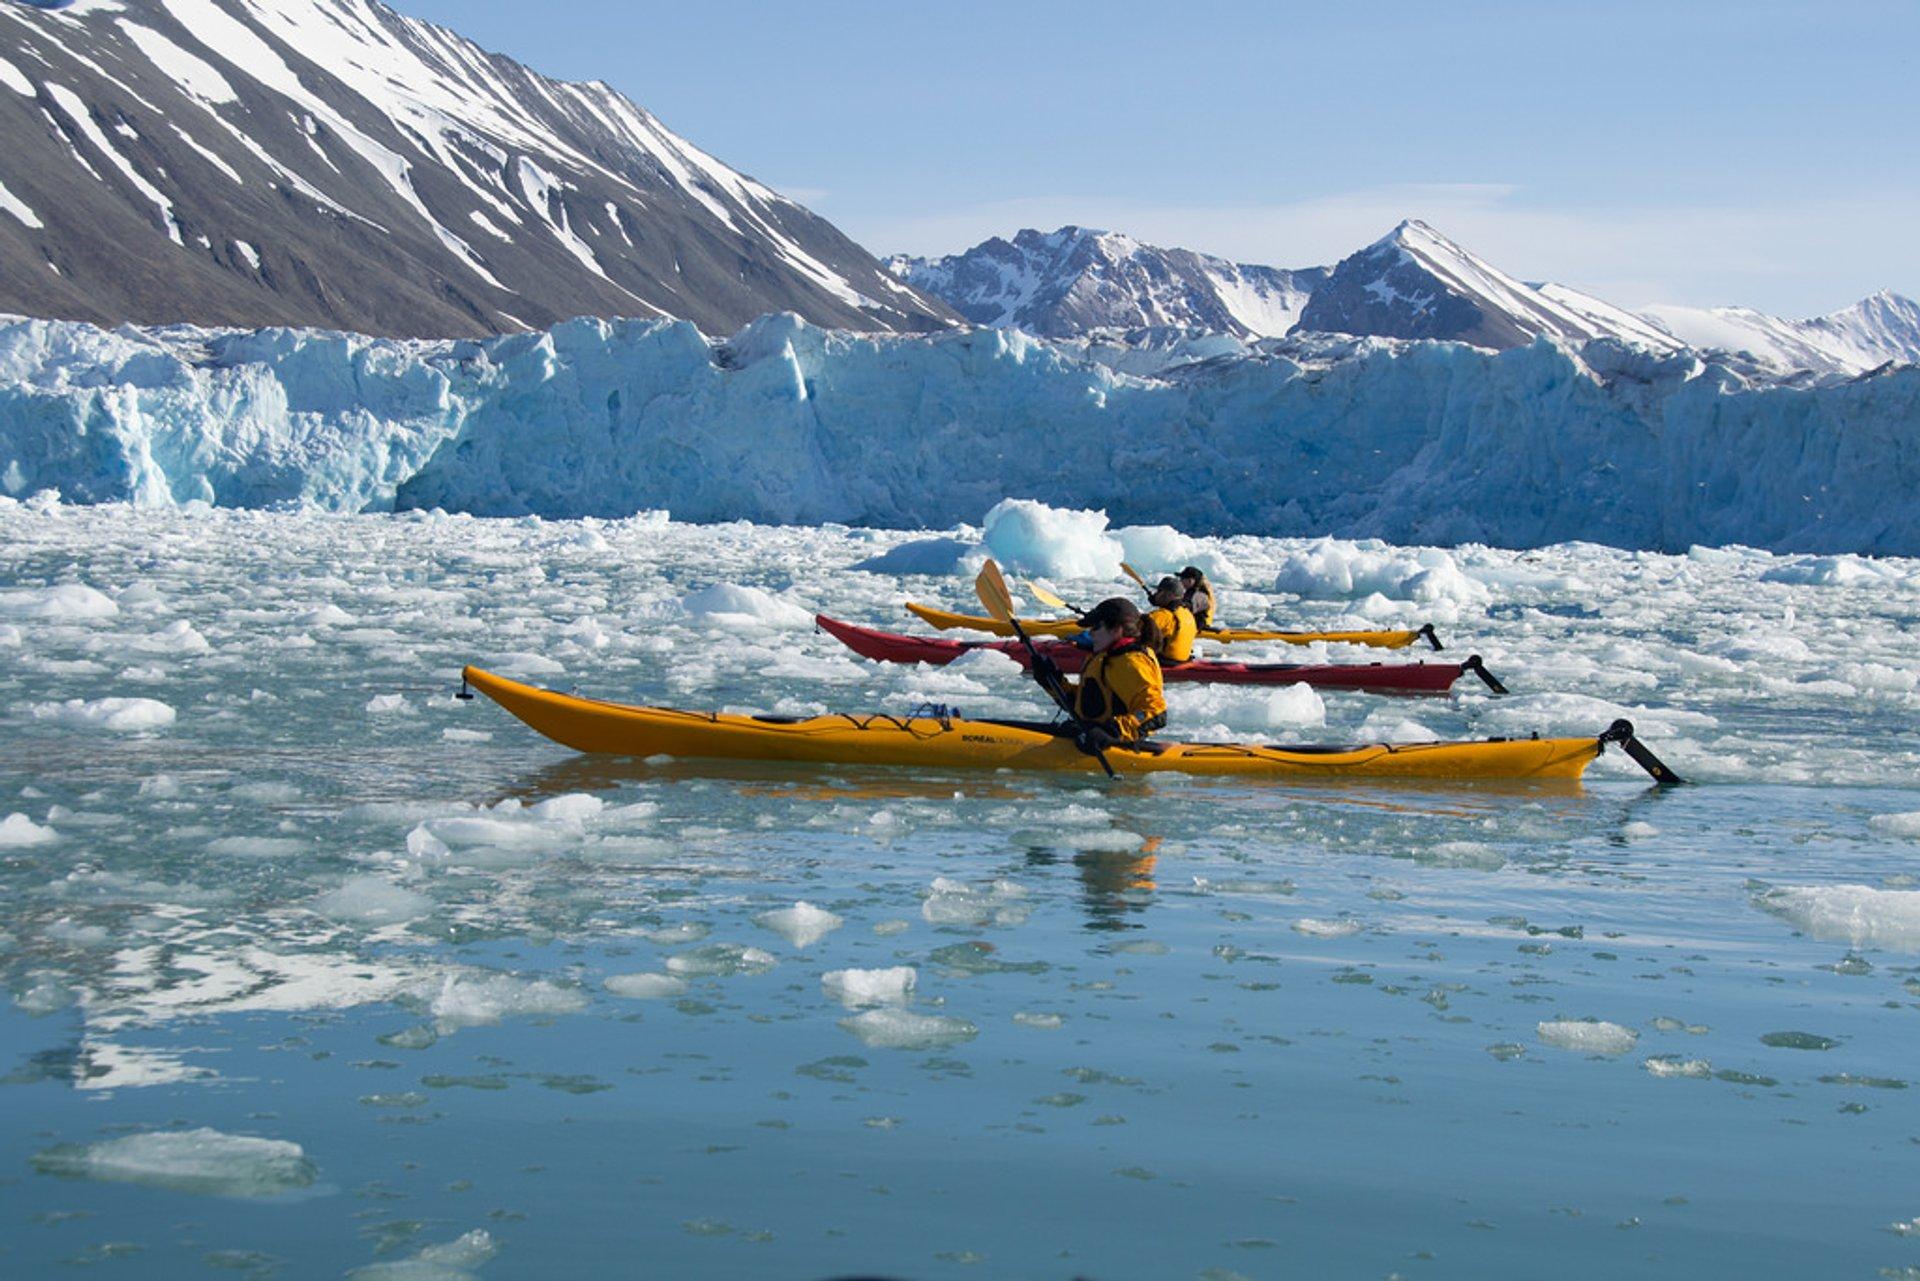 Kayaking by Glaciers in Svalbard - Best Season 2020